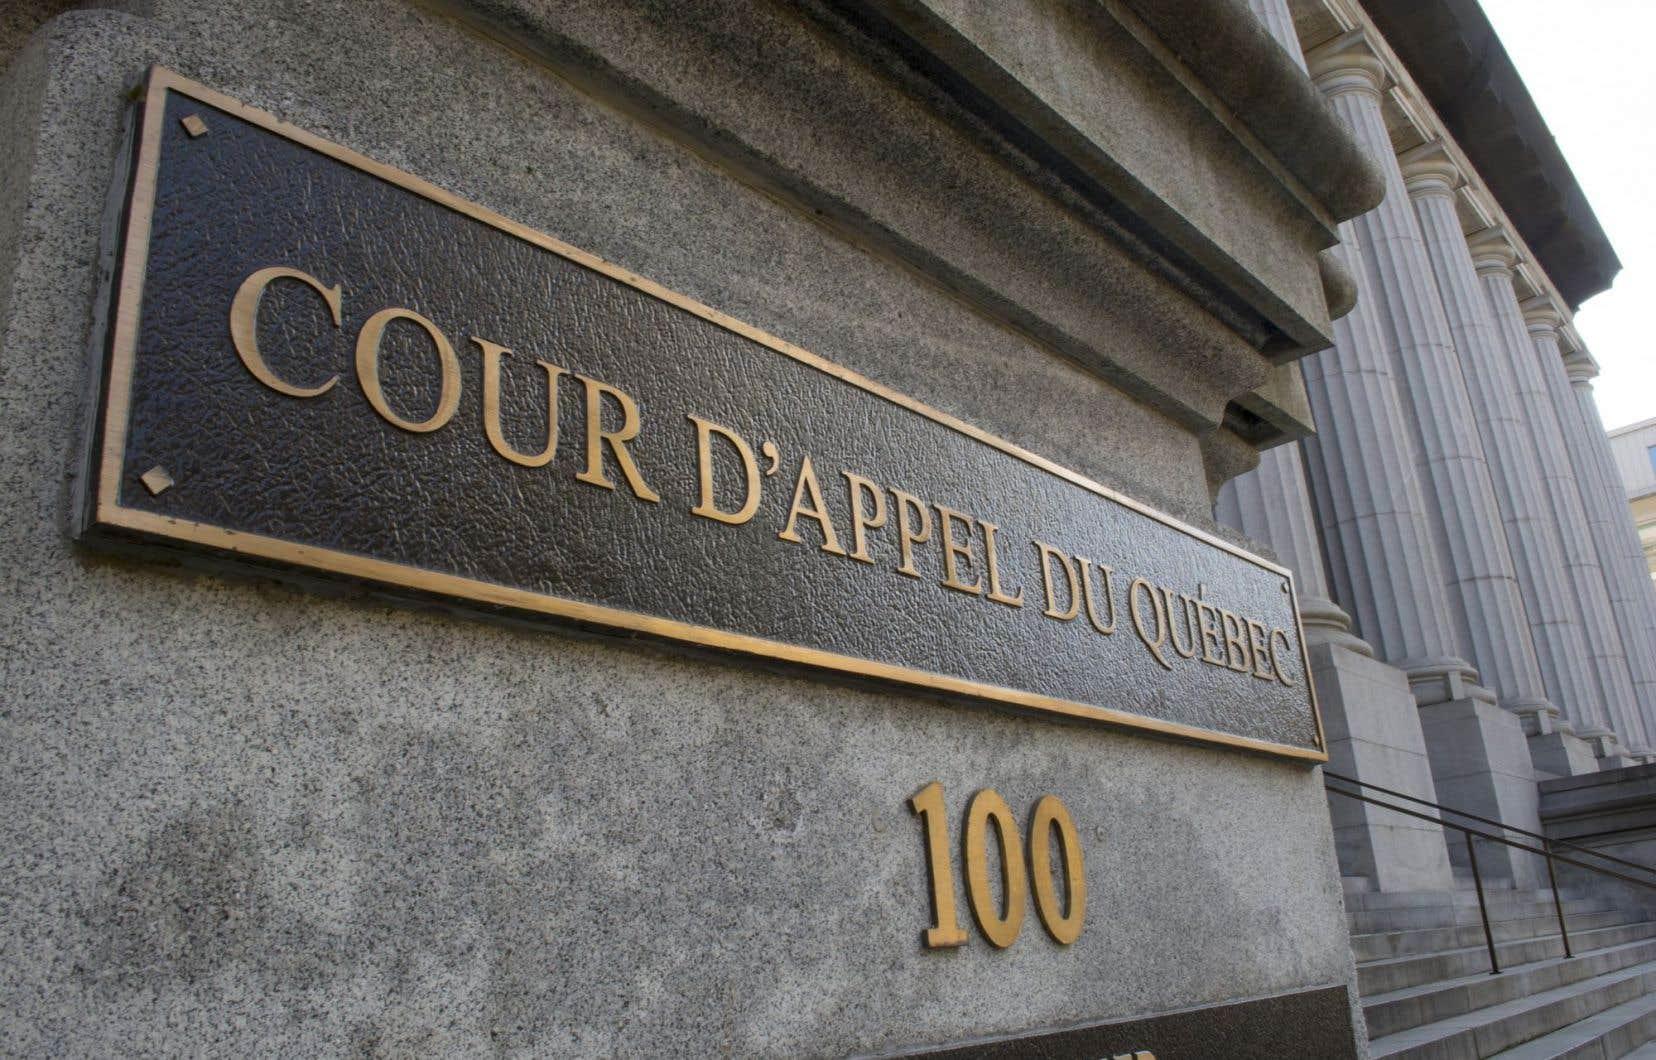 La Cour d'appel maintient la décision du Tribunal de première instance, mais revoit à la baisse l'indemnité.